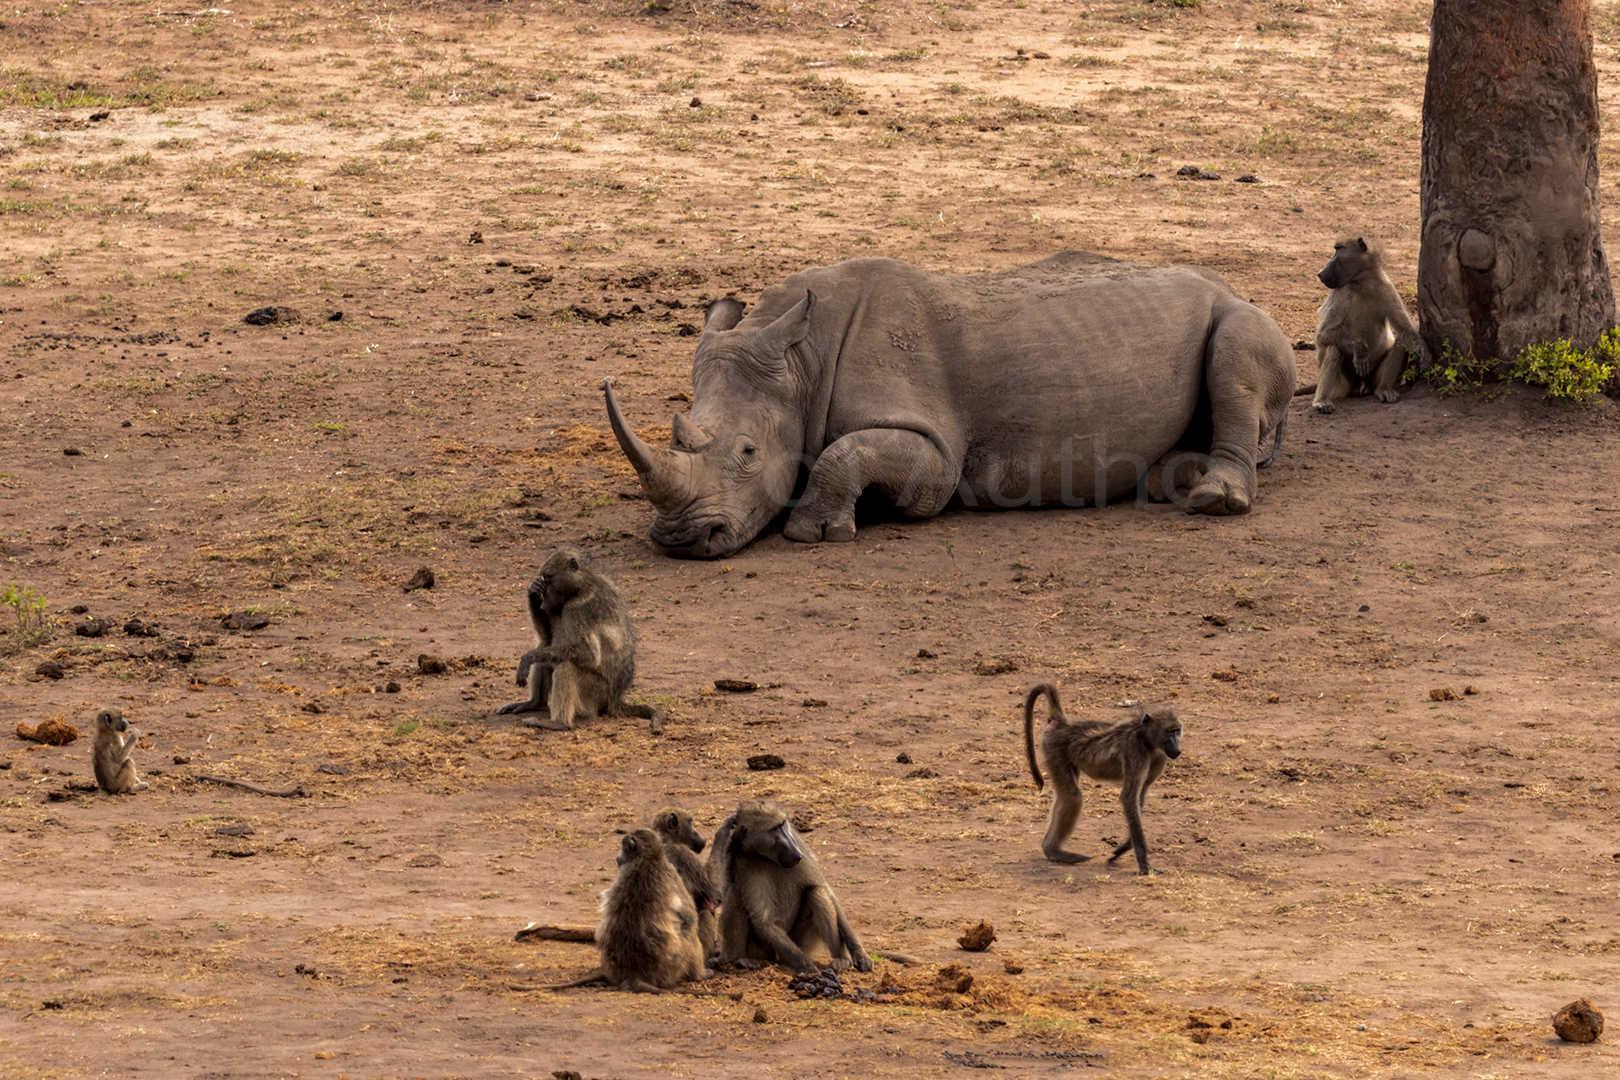 2_na_Rhino defence_Tony Wilson